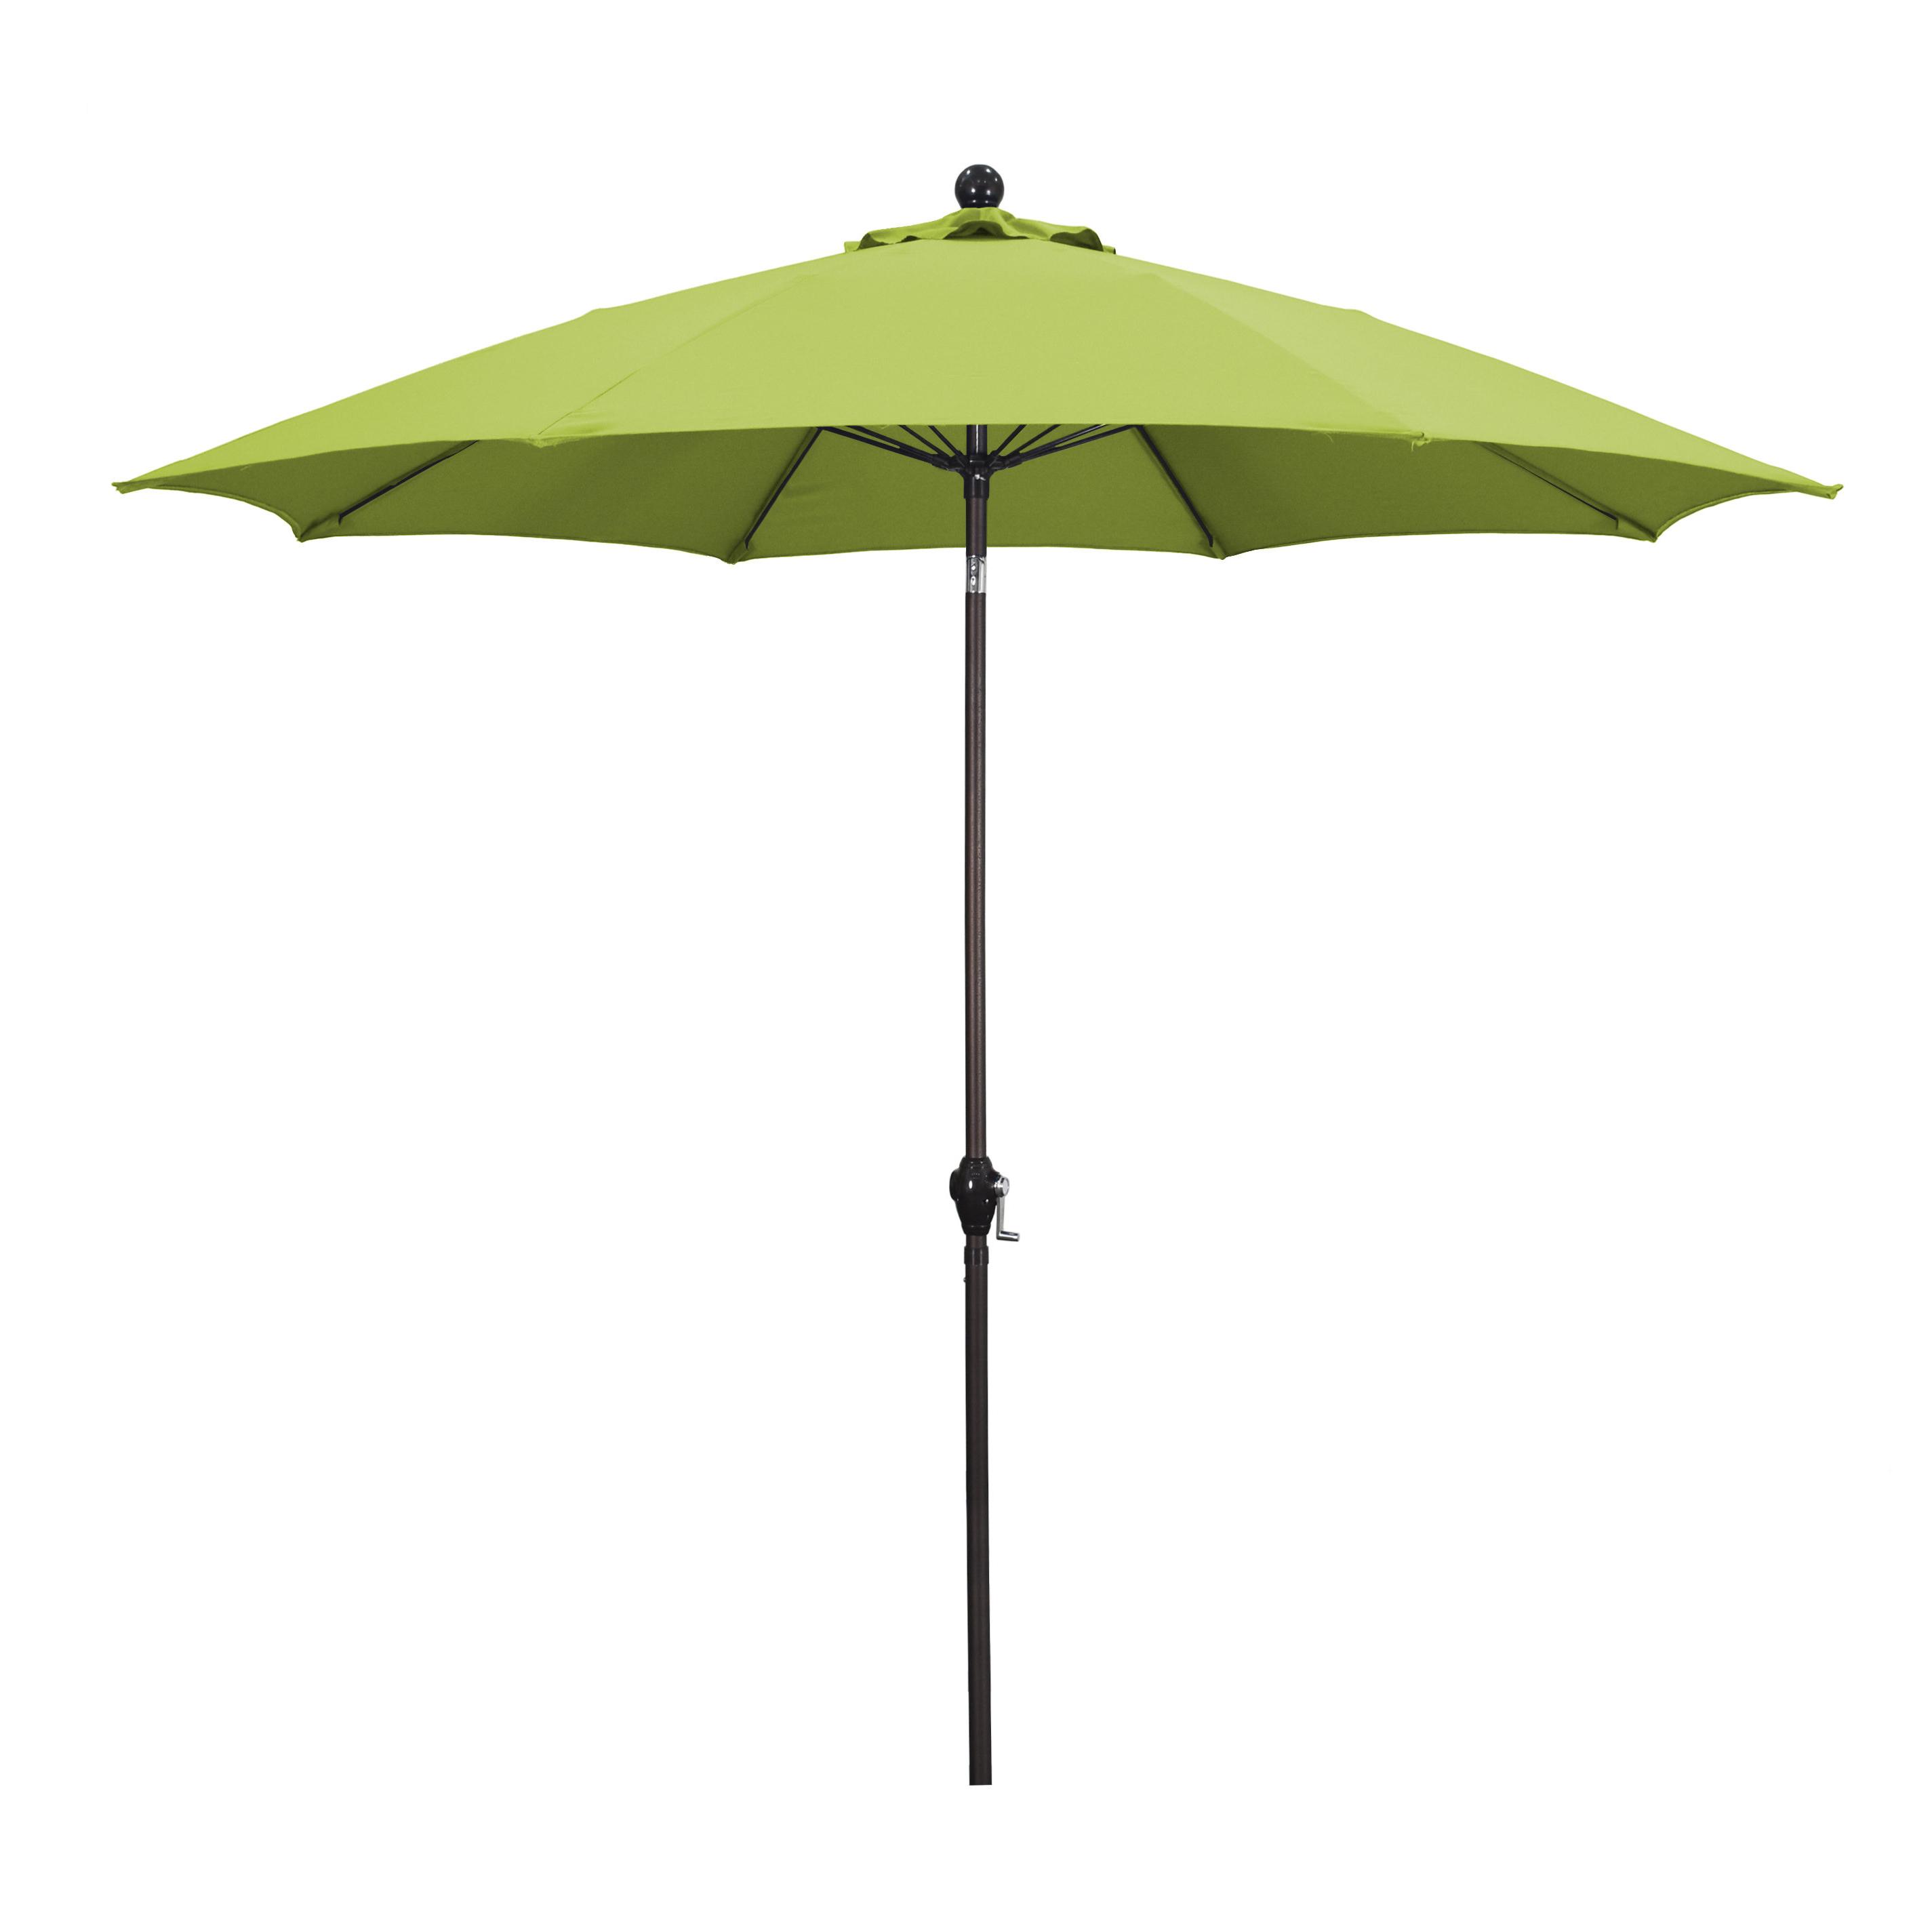 Annika Market Umbrellas Intended For Recent 9' Market Umbrella (Gallery 7 of 20)